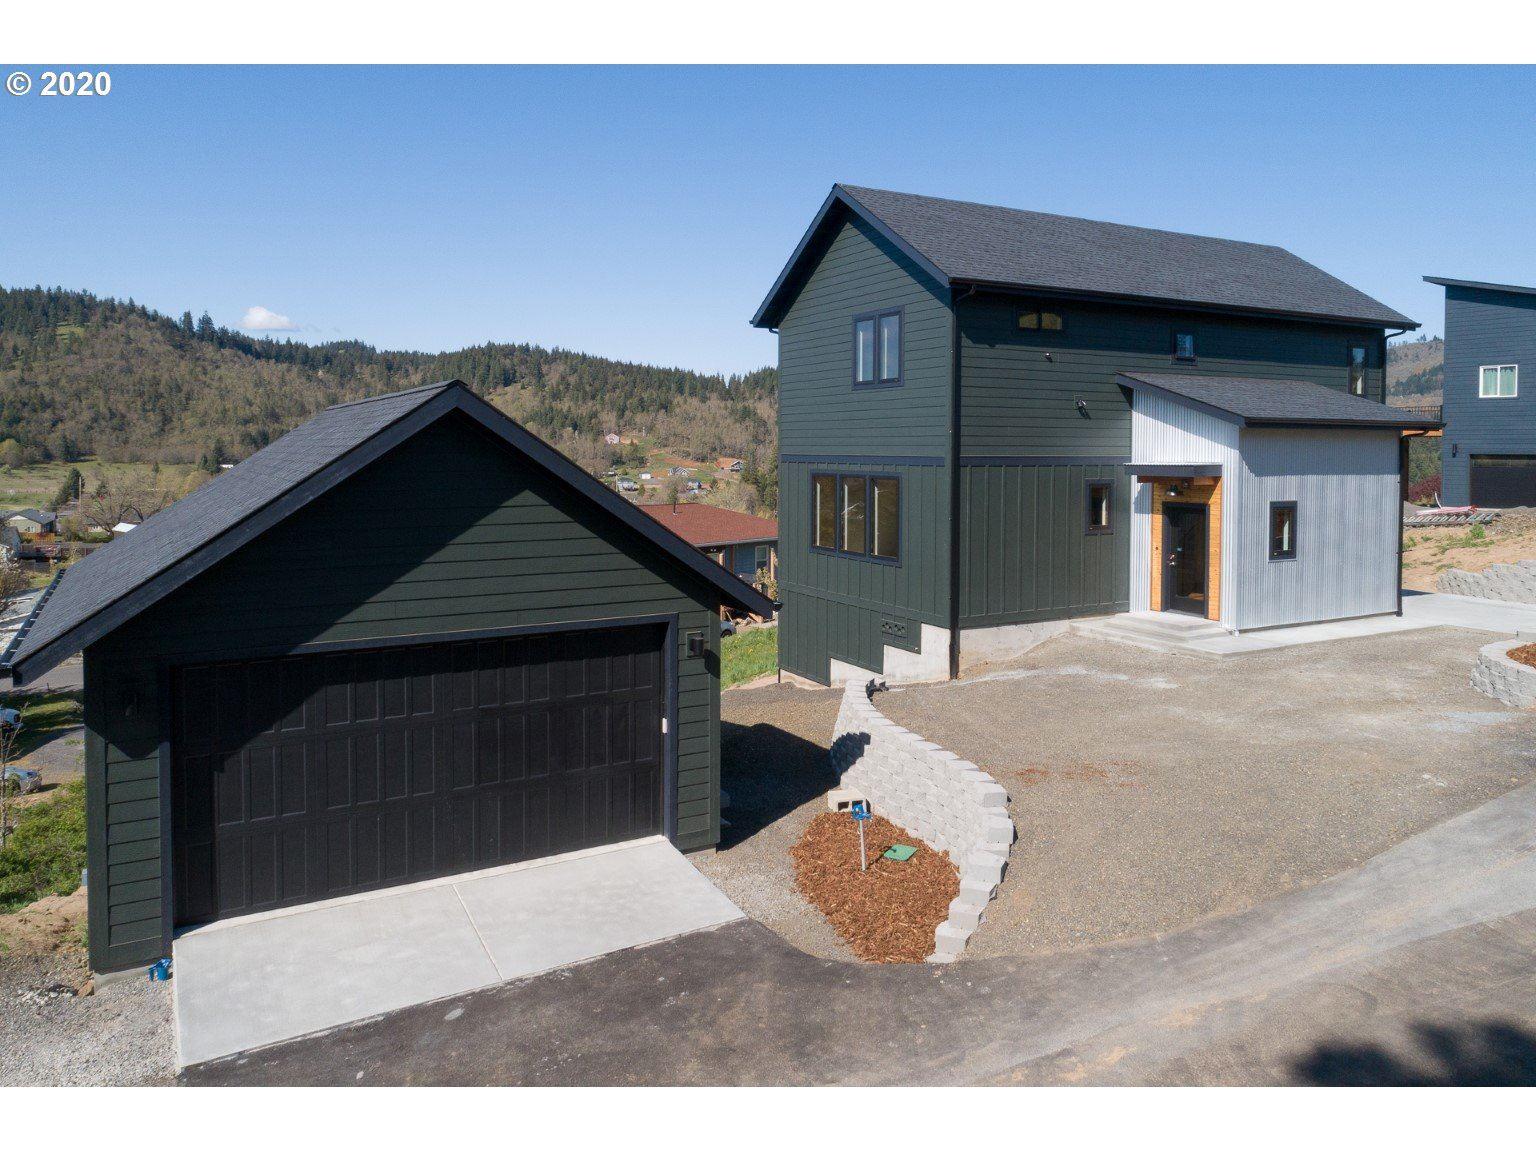 490 Northview DR, White Salmon, WA 98672 - MLS#: 20433472